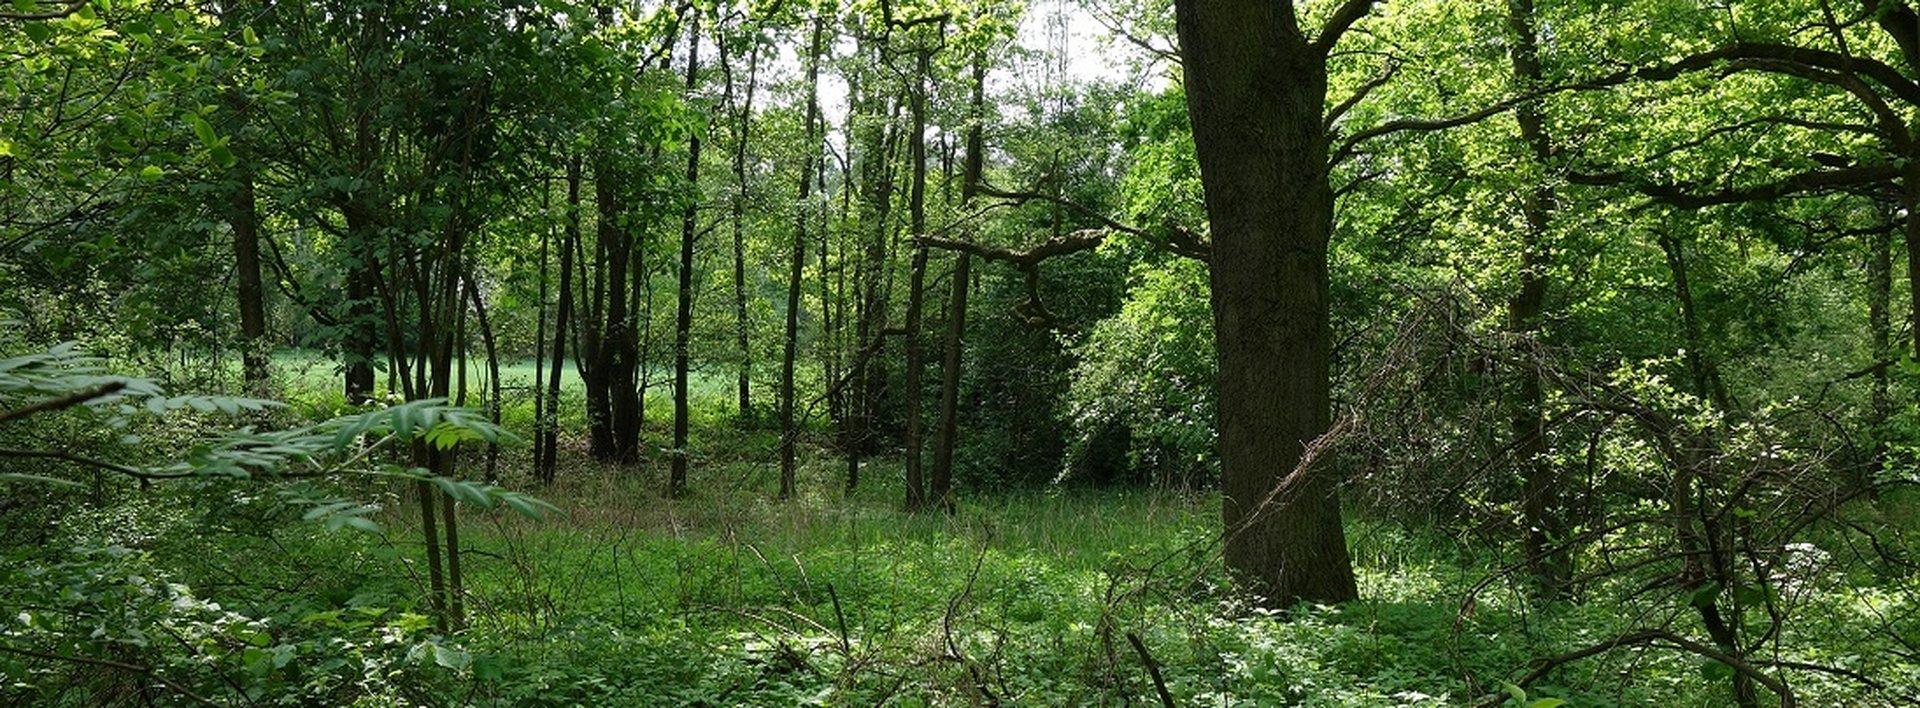 Prodej lesních pozemků 23.420 m² - Lázně Bohdaneč, Lohenice